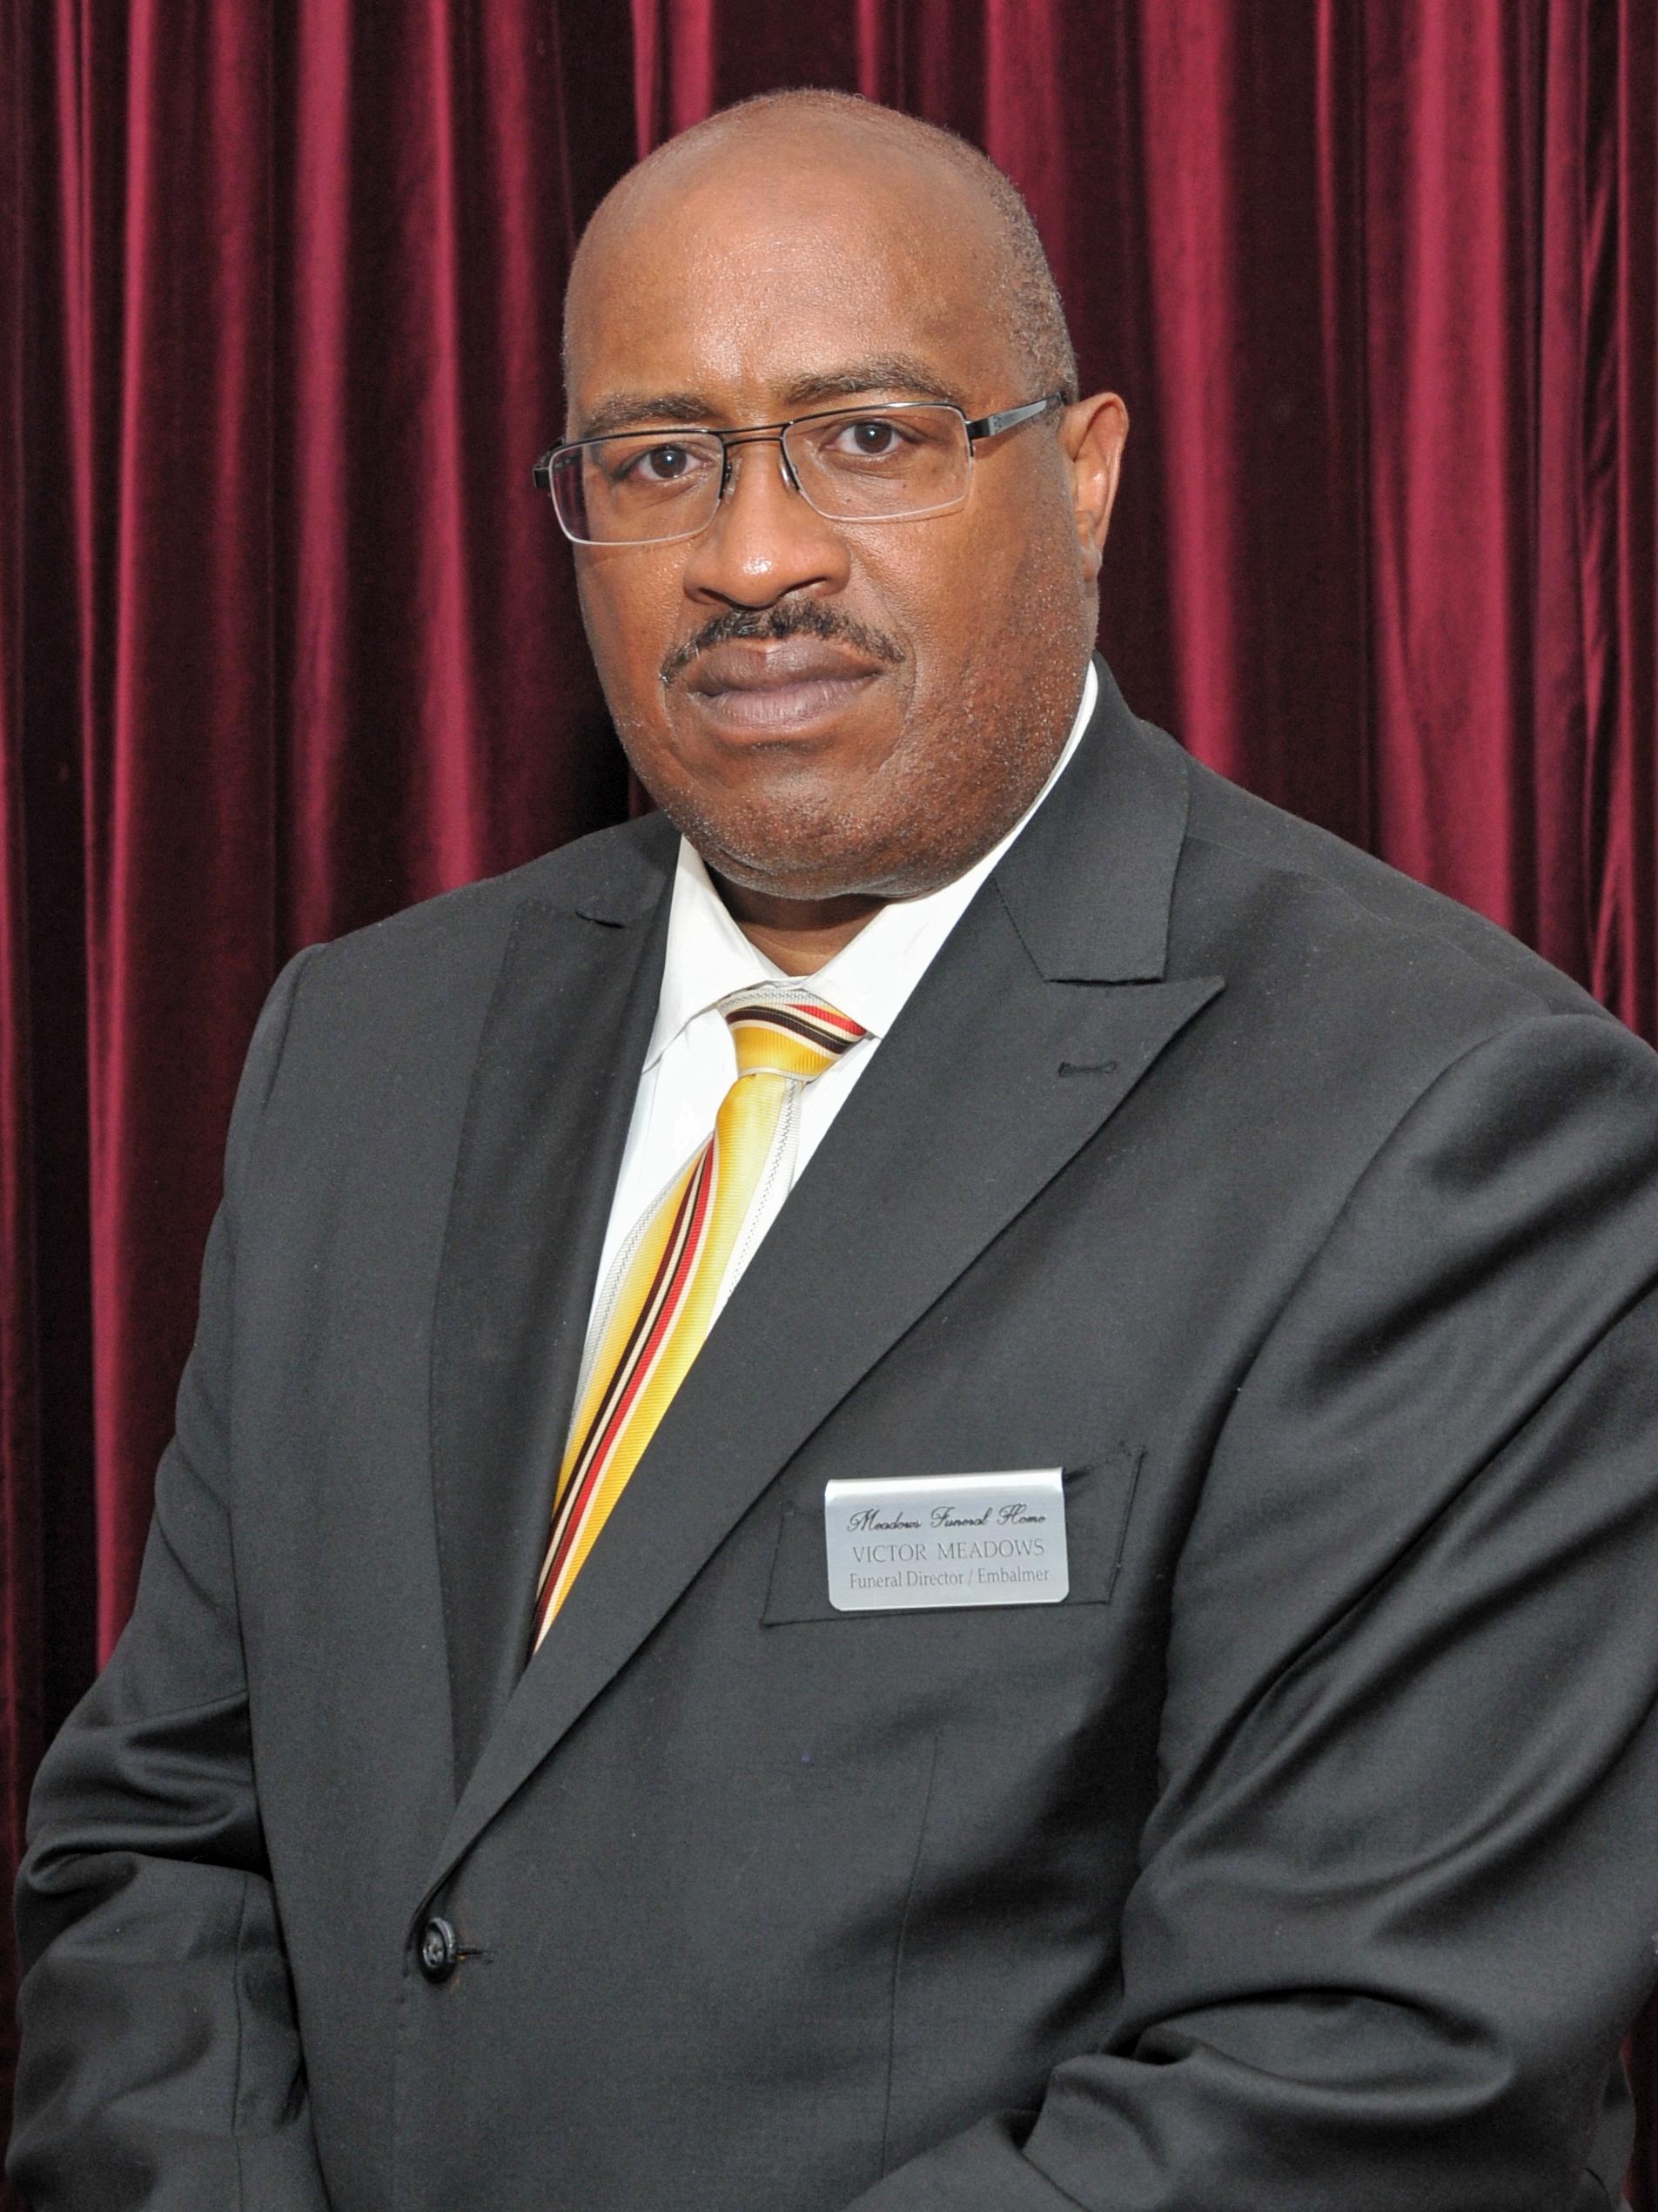 Mr. Victor R. Meadows